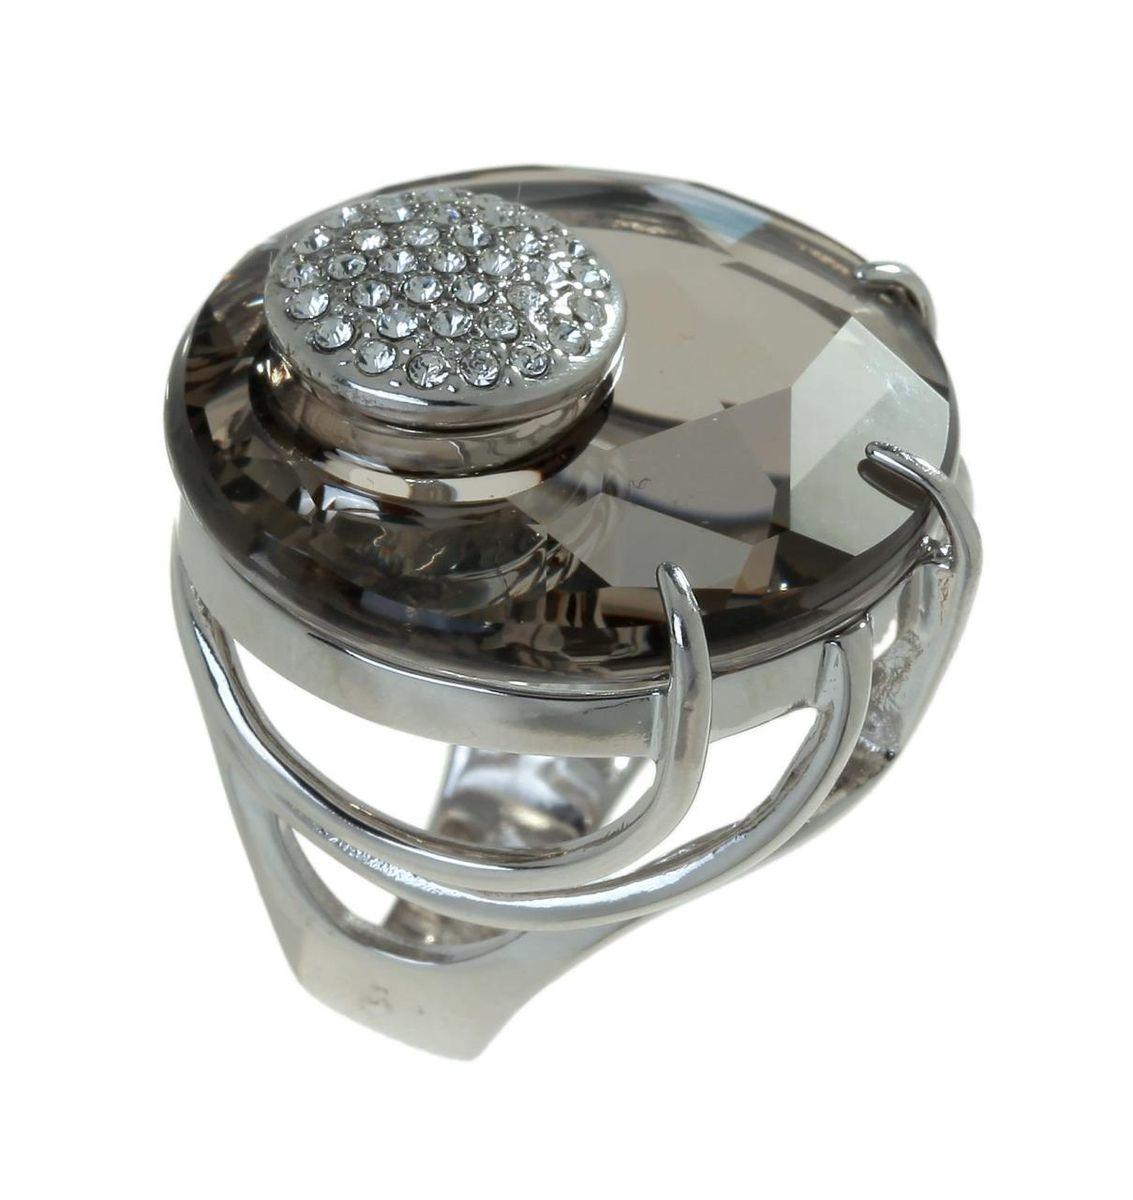 Кольцо Jenavi Коллекция Bubbles Ятру, цвет: серебряный, серый. j704f066. Размер 18j704f066Коллекция Bubbles, Ятру (Кольцо) гипоаллергенный ювелирный сплав,Серебрение c род. , вставка Кристаллы Swarovski , цвет - серебряный, серый, размер - 18 избегать взаимодействия с водой и химическими средствами